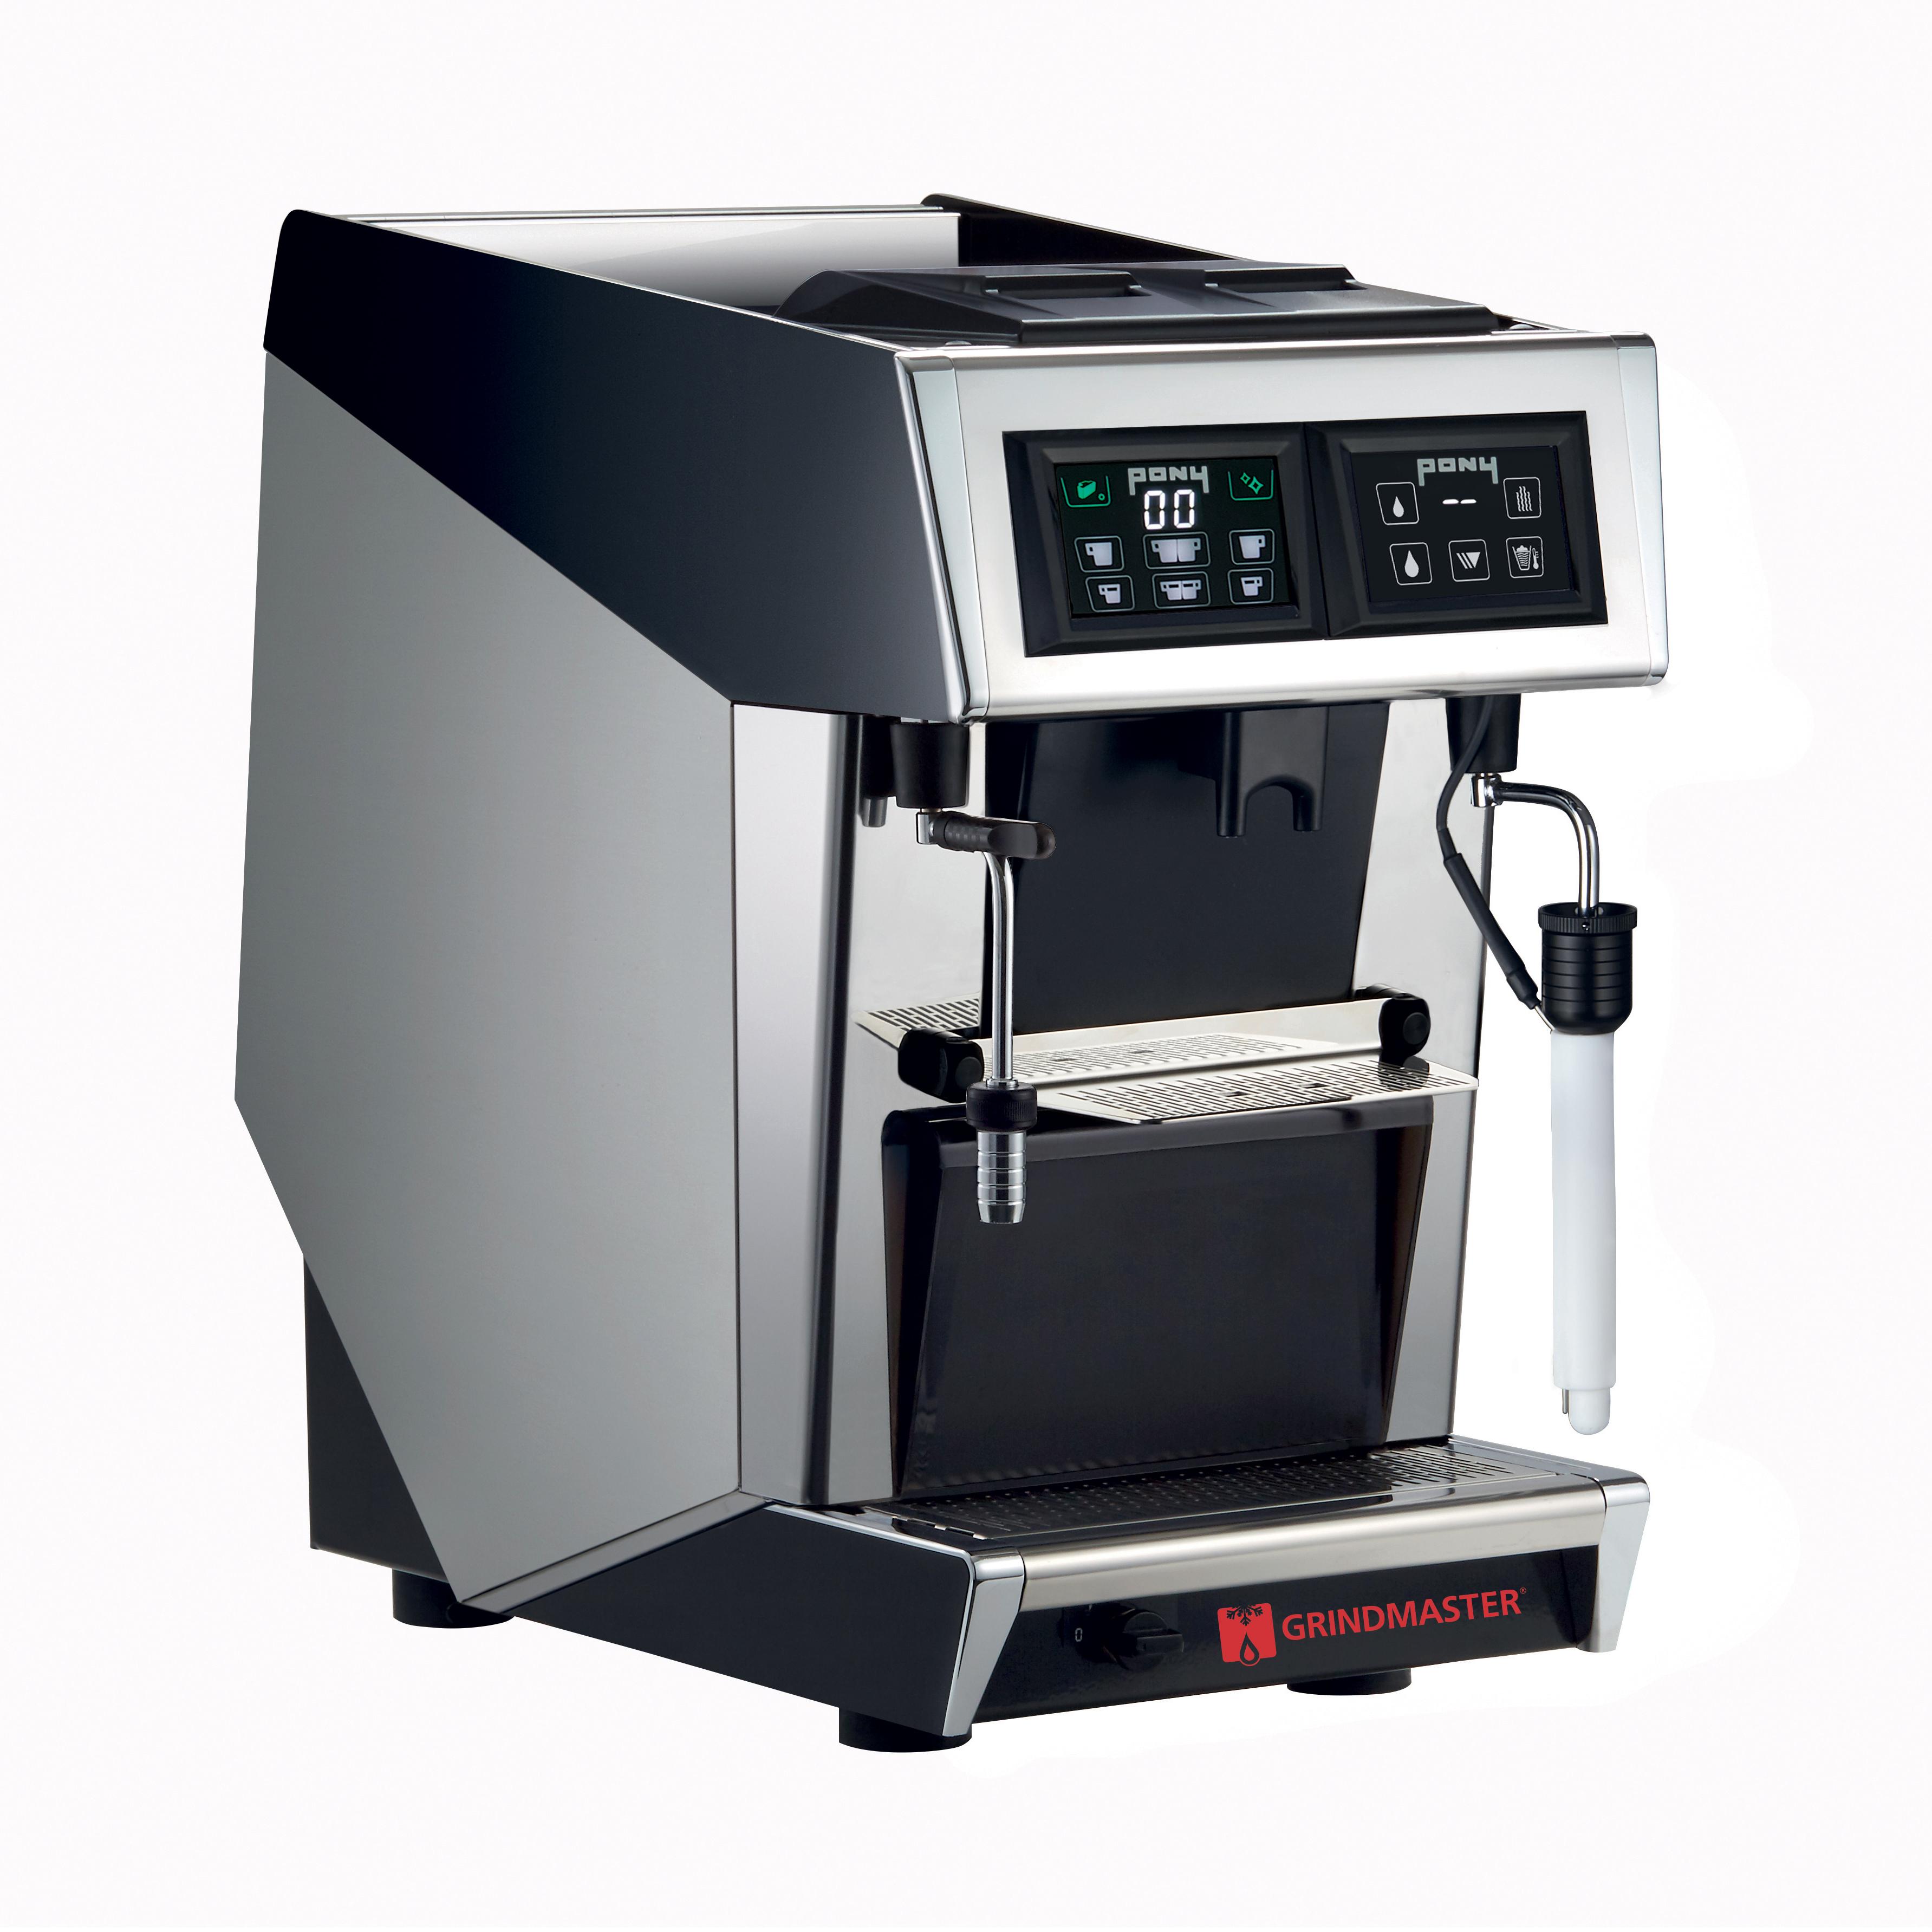 Grindmaster-Cecilware PONY 2 espresso cappuccino machine